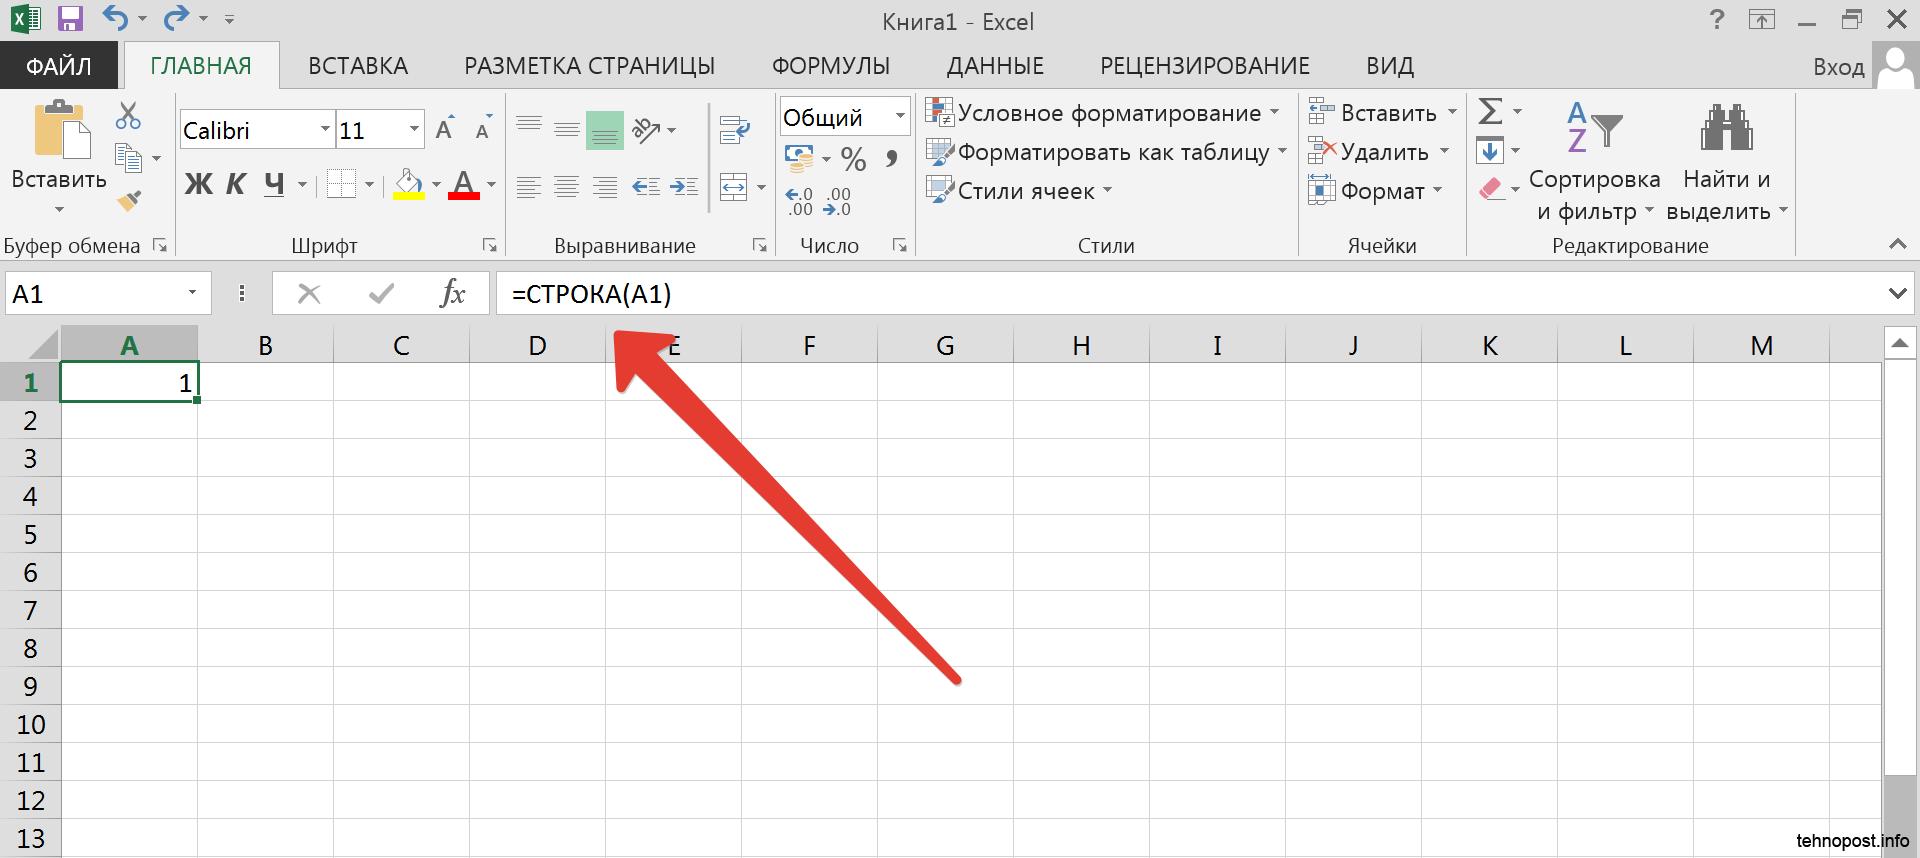 Excel: как поменять цифры на буквы в 52